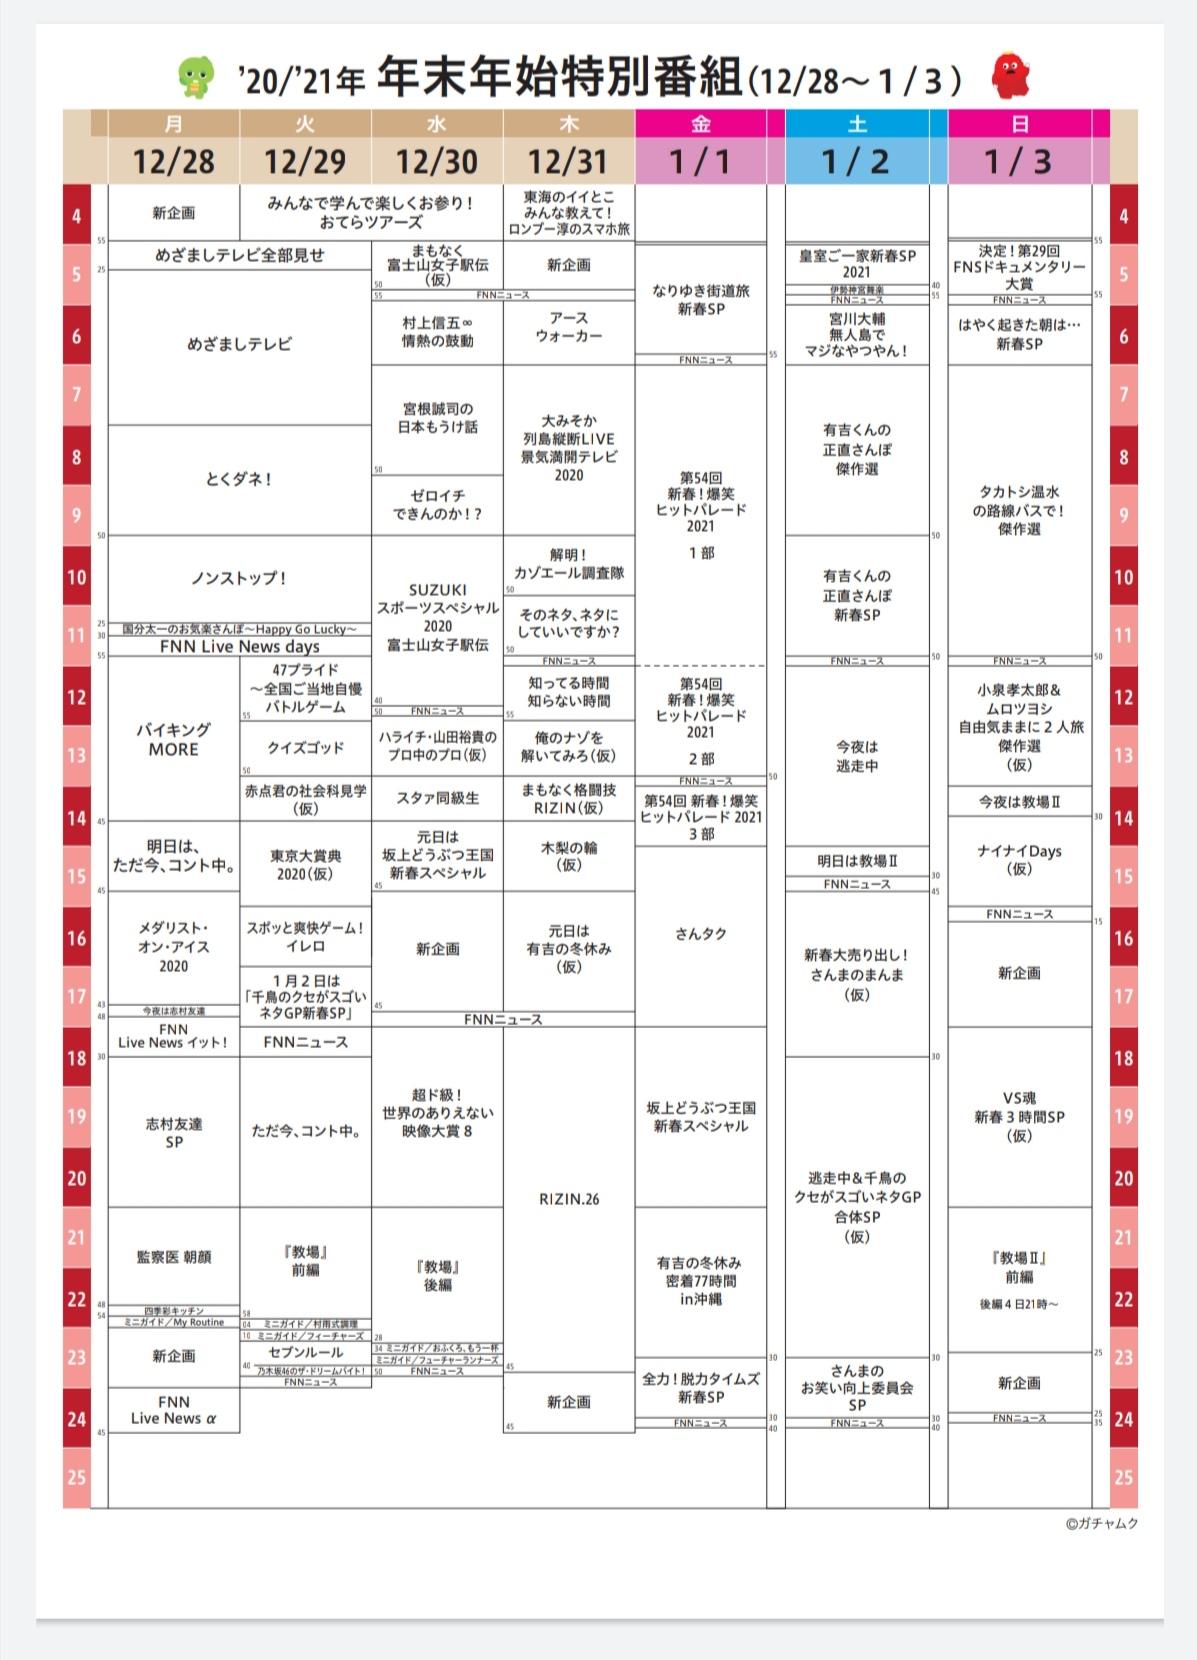 「乃木坂工事中」 1月3日は放送なし